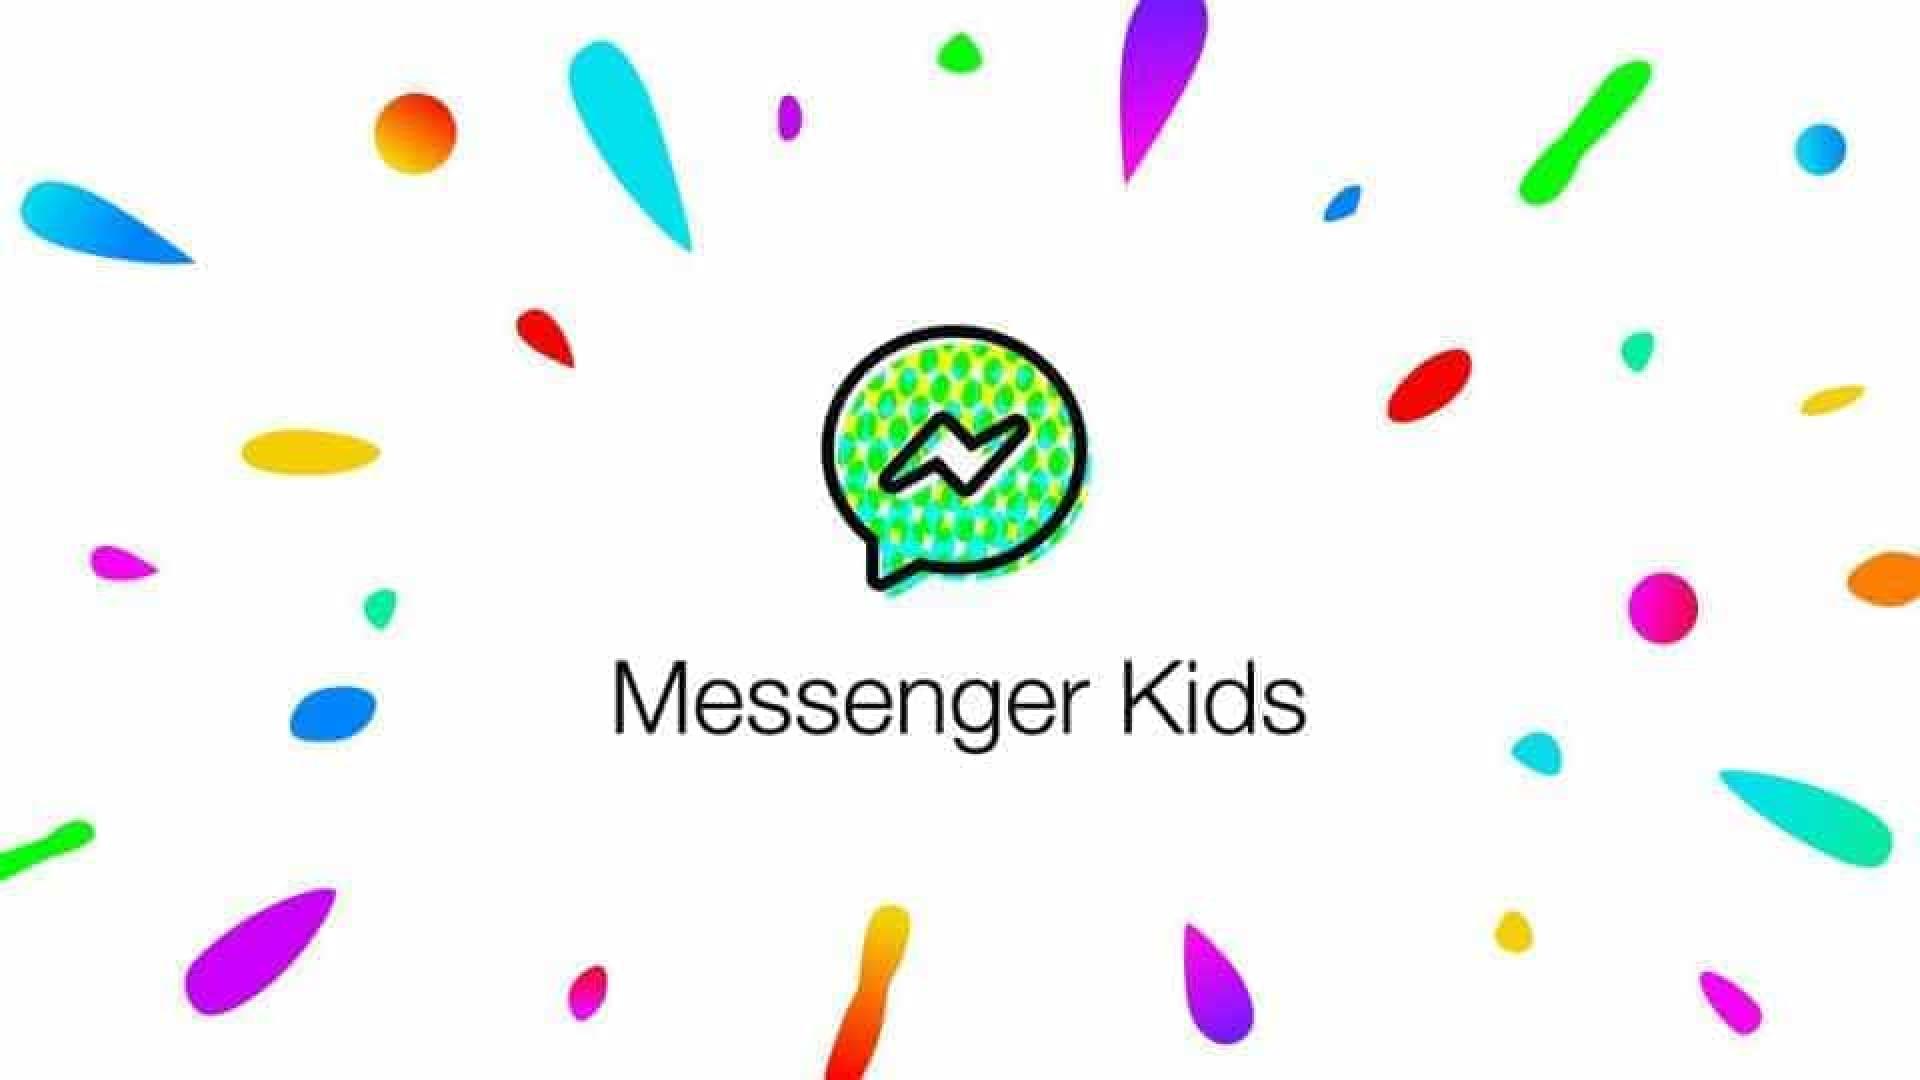 Há uma nova versão do Messenger criada especialmente para crianças